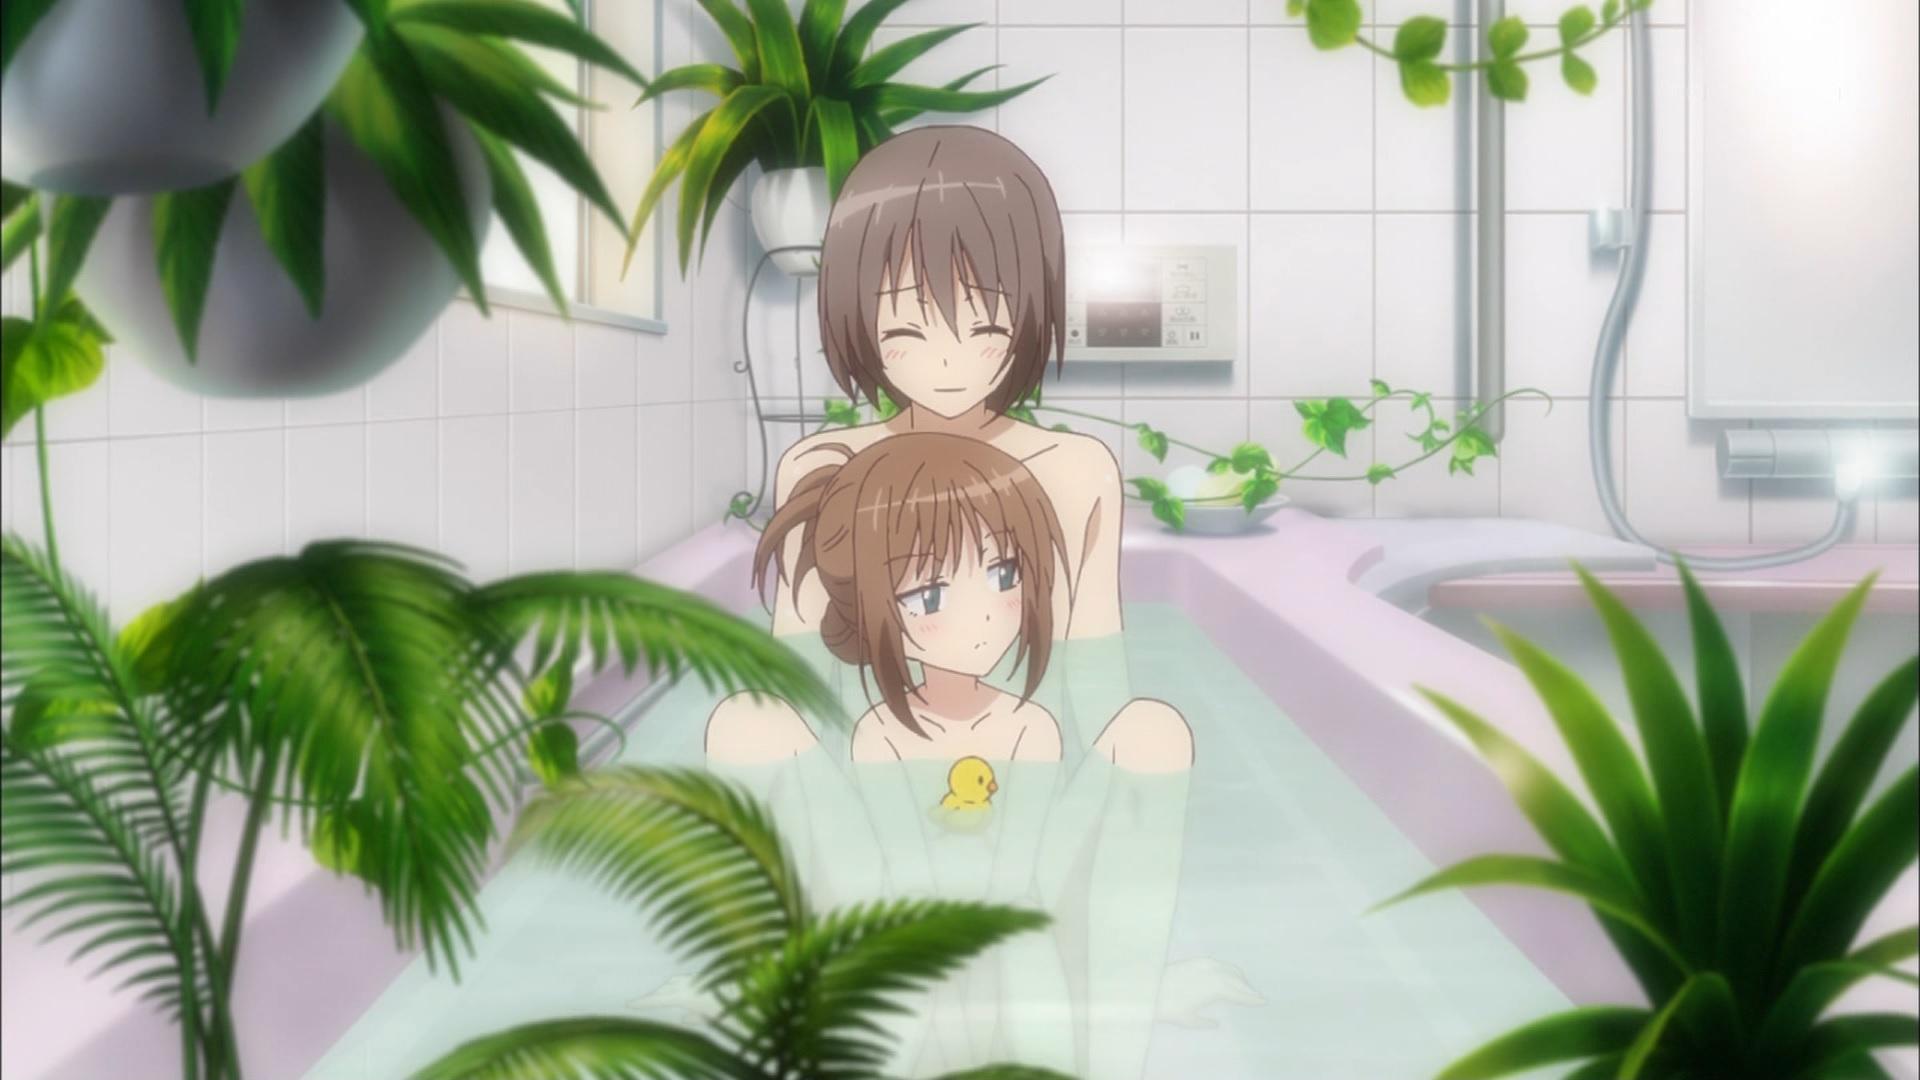 貫井くるみの入浴シーン